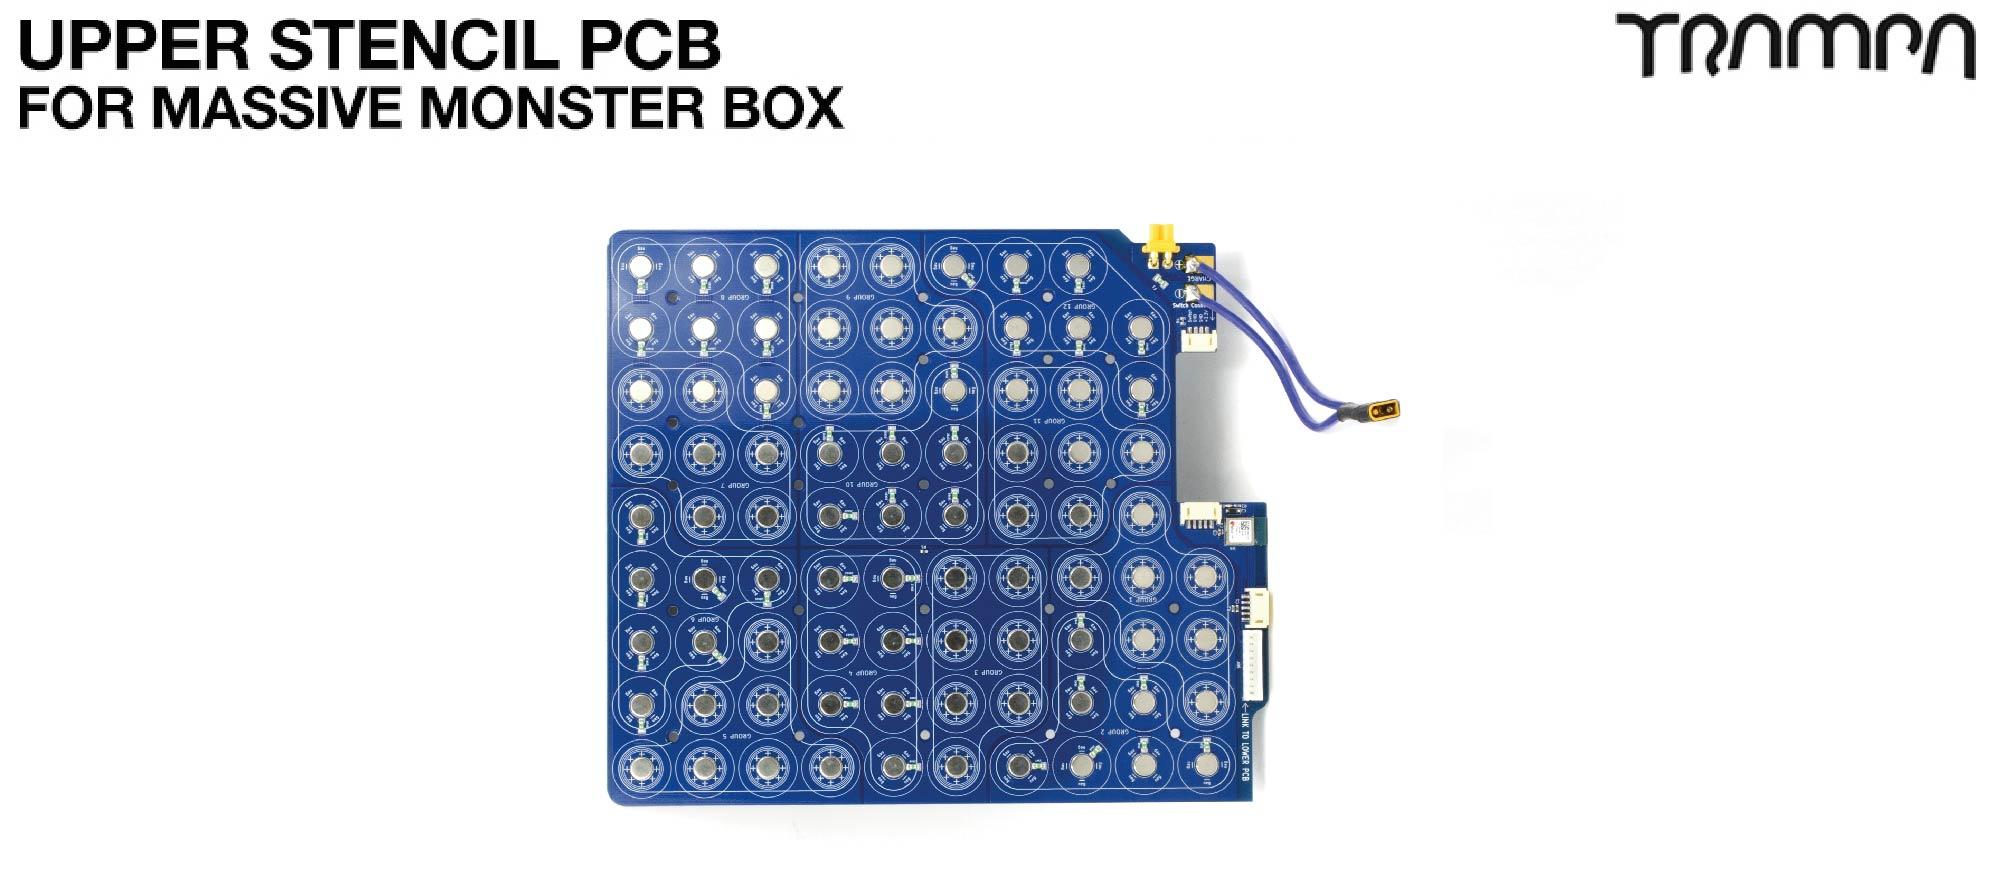 21700 UPPER PCB For TRAMPA's Massive MONSTER Box